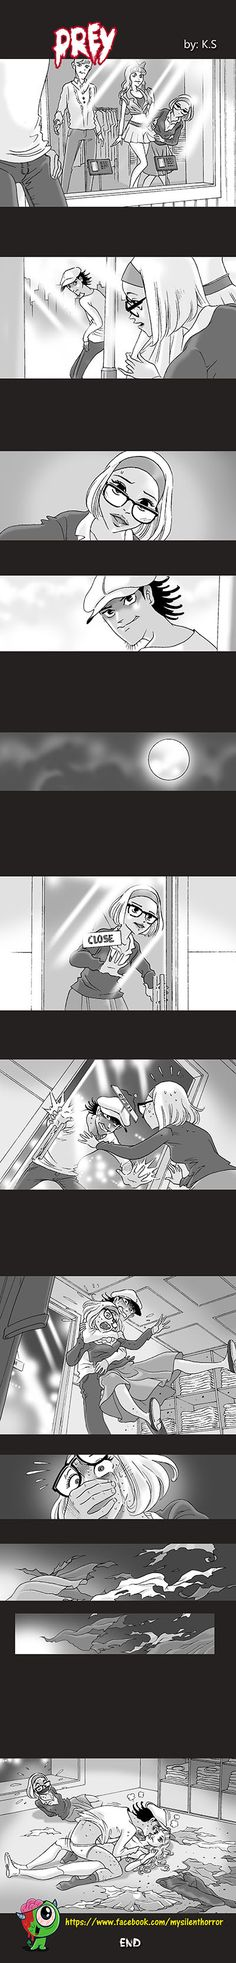 Silent Horror :: Prey | Tapastic Comics - image 1